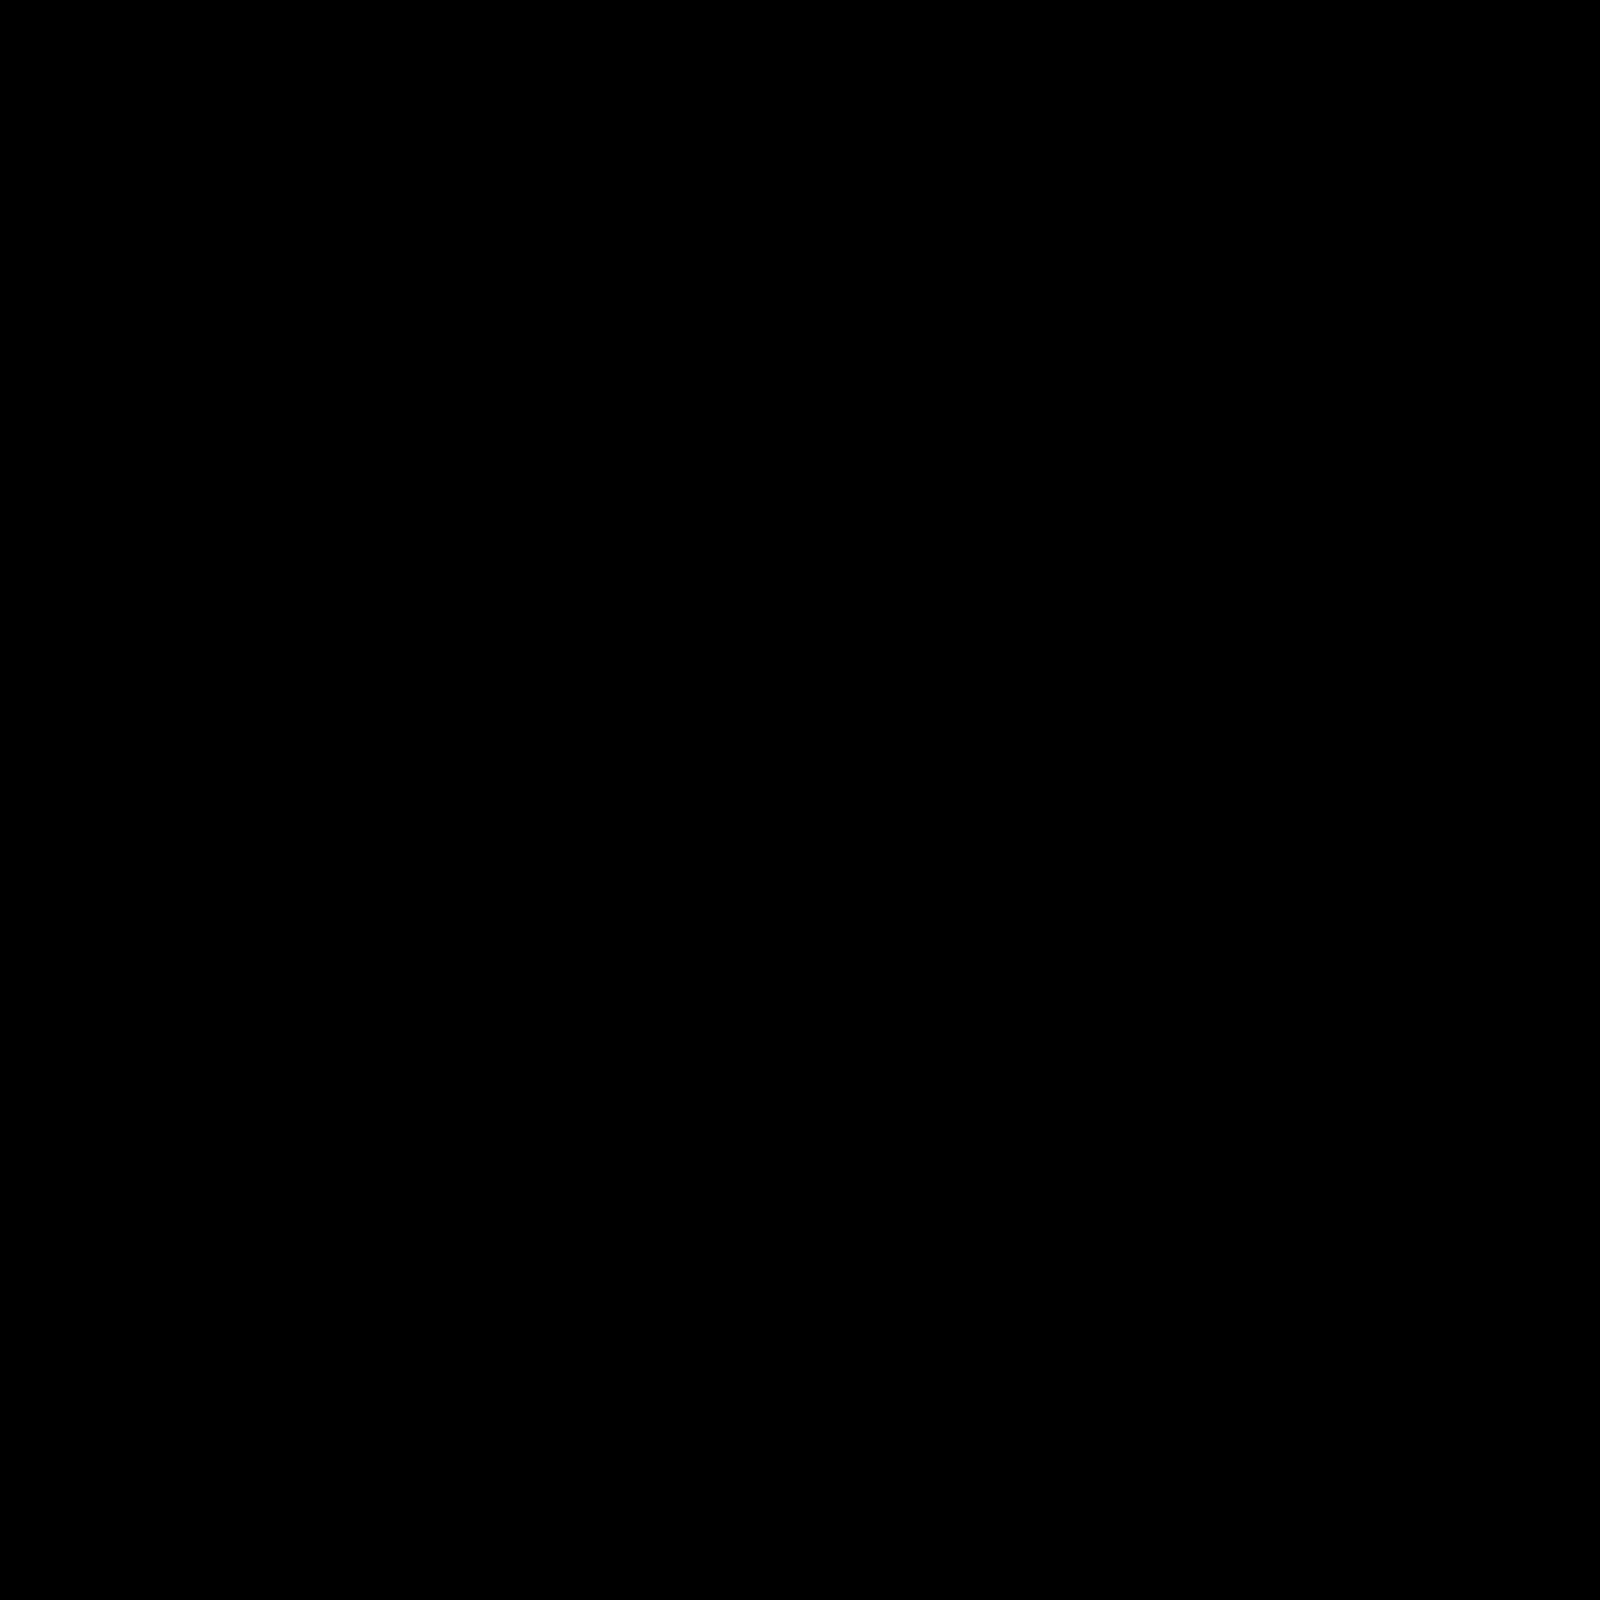 Koszulka piłkarska icon